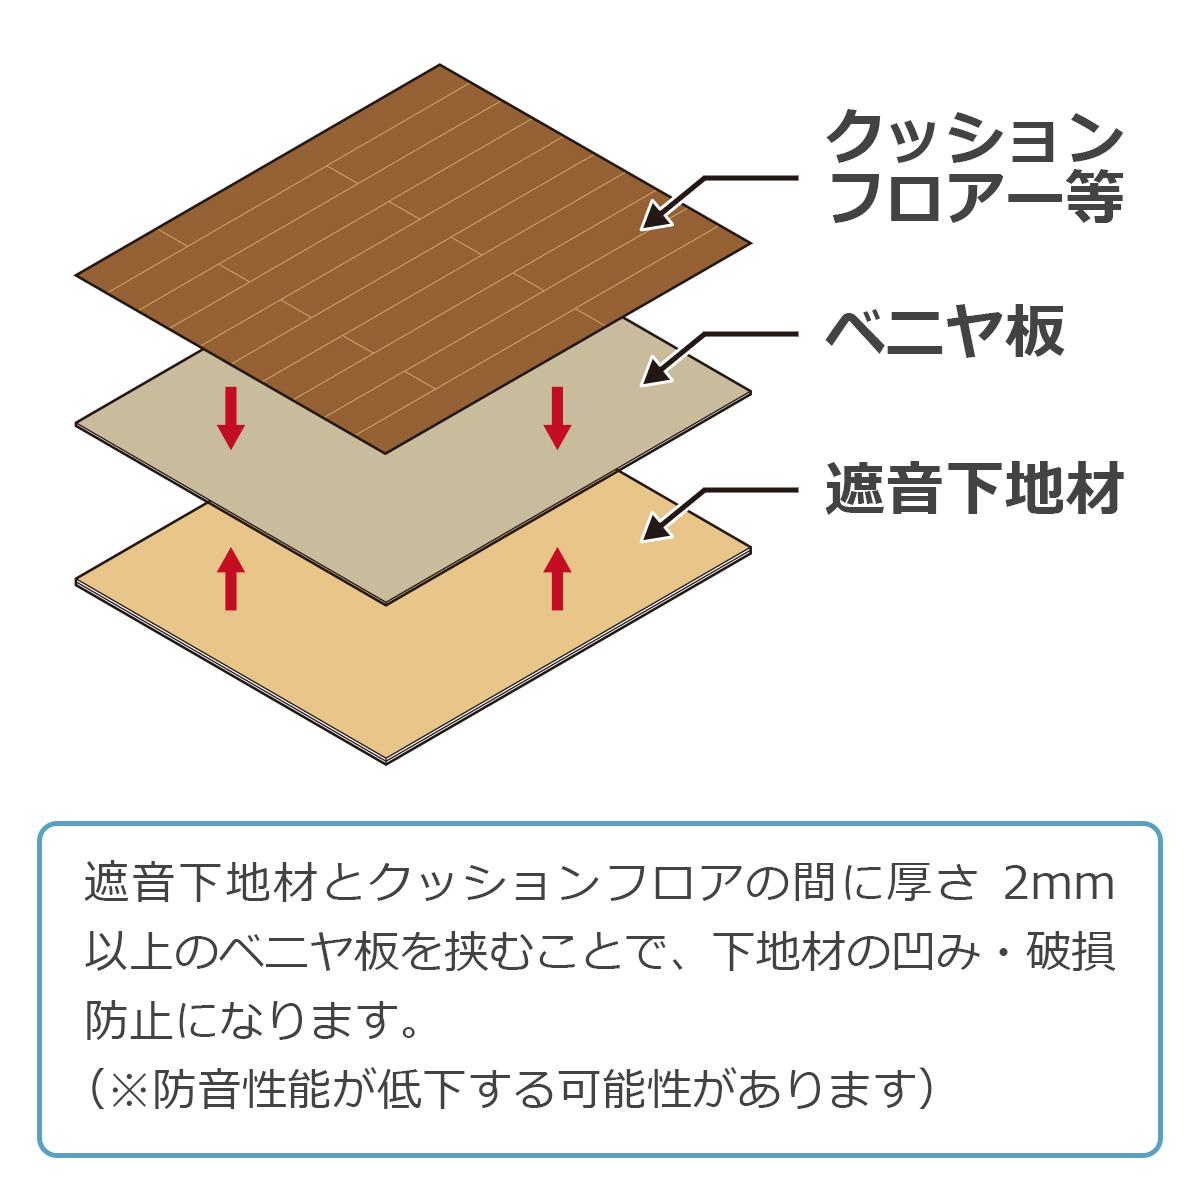 遮音下地材とクッションフロアの間に厚さ2ミリ以上のベニア板を挟むことで、下地材の凹み・破損防止になります。(※防音性能が低下する可能性があります)